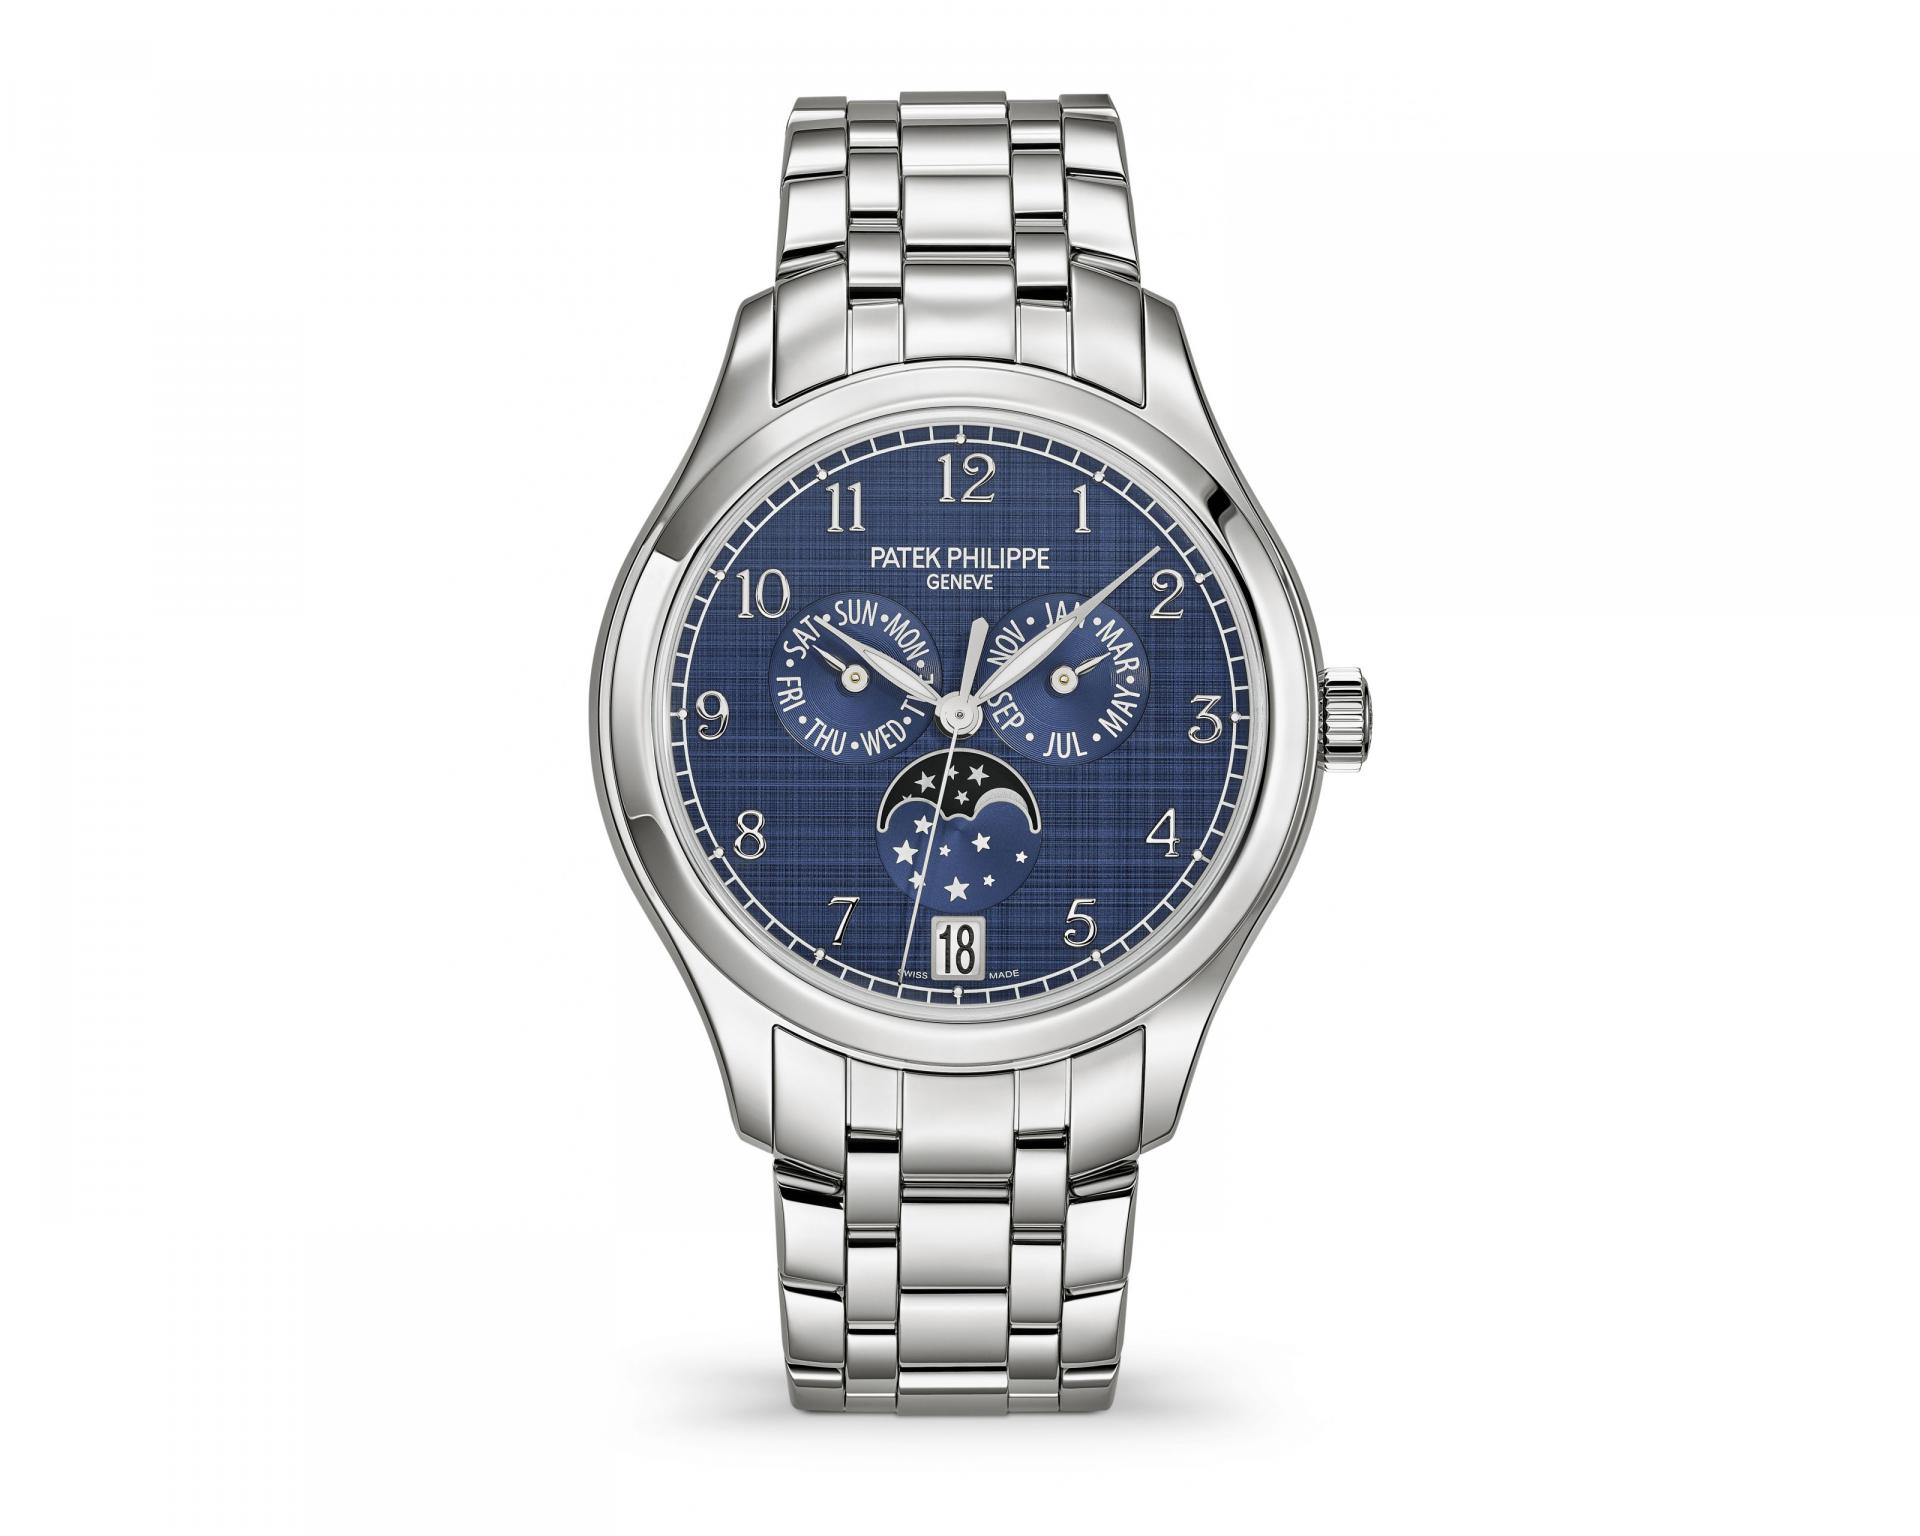 Patek Philippe анонсирует новые часы 4947 с годовым календарём